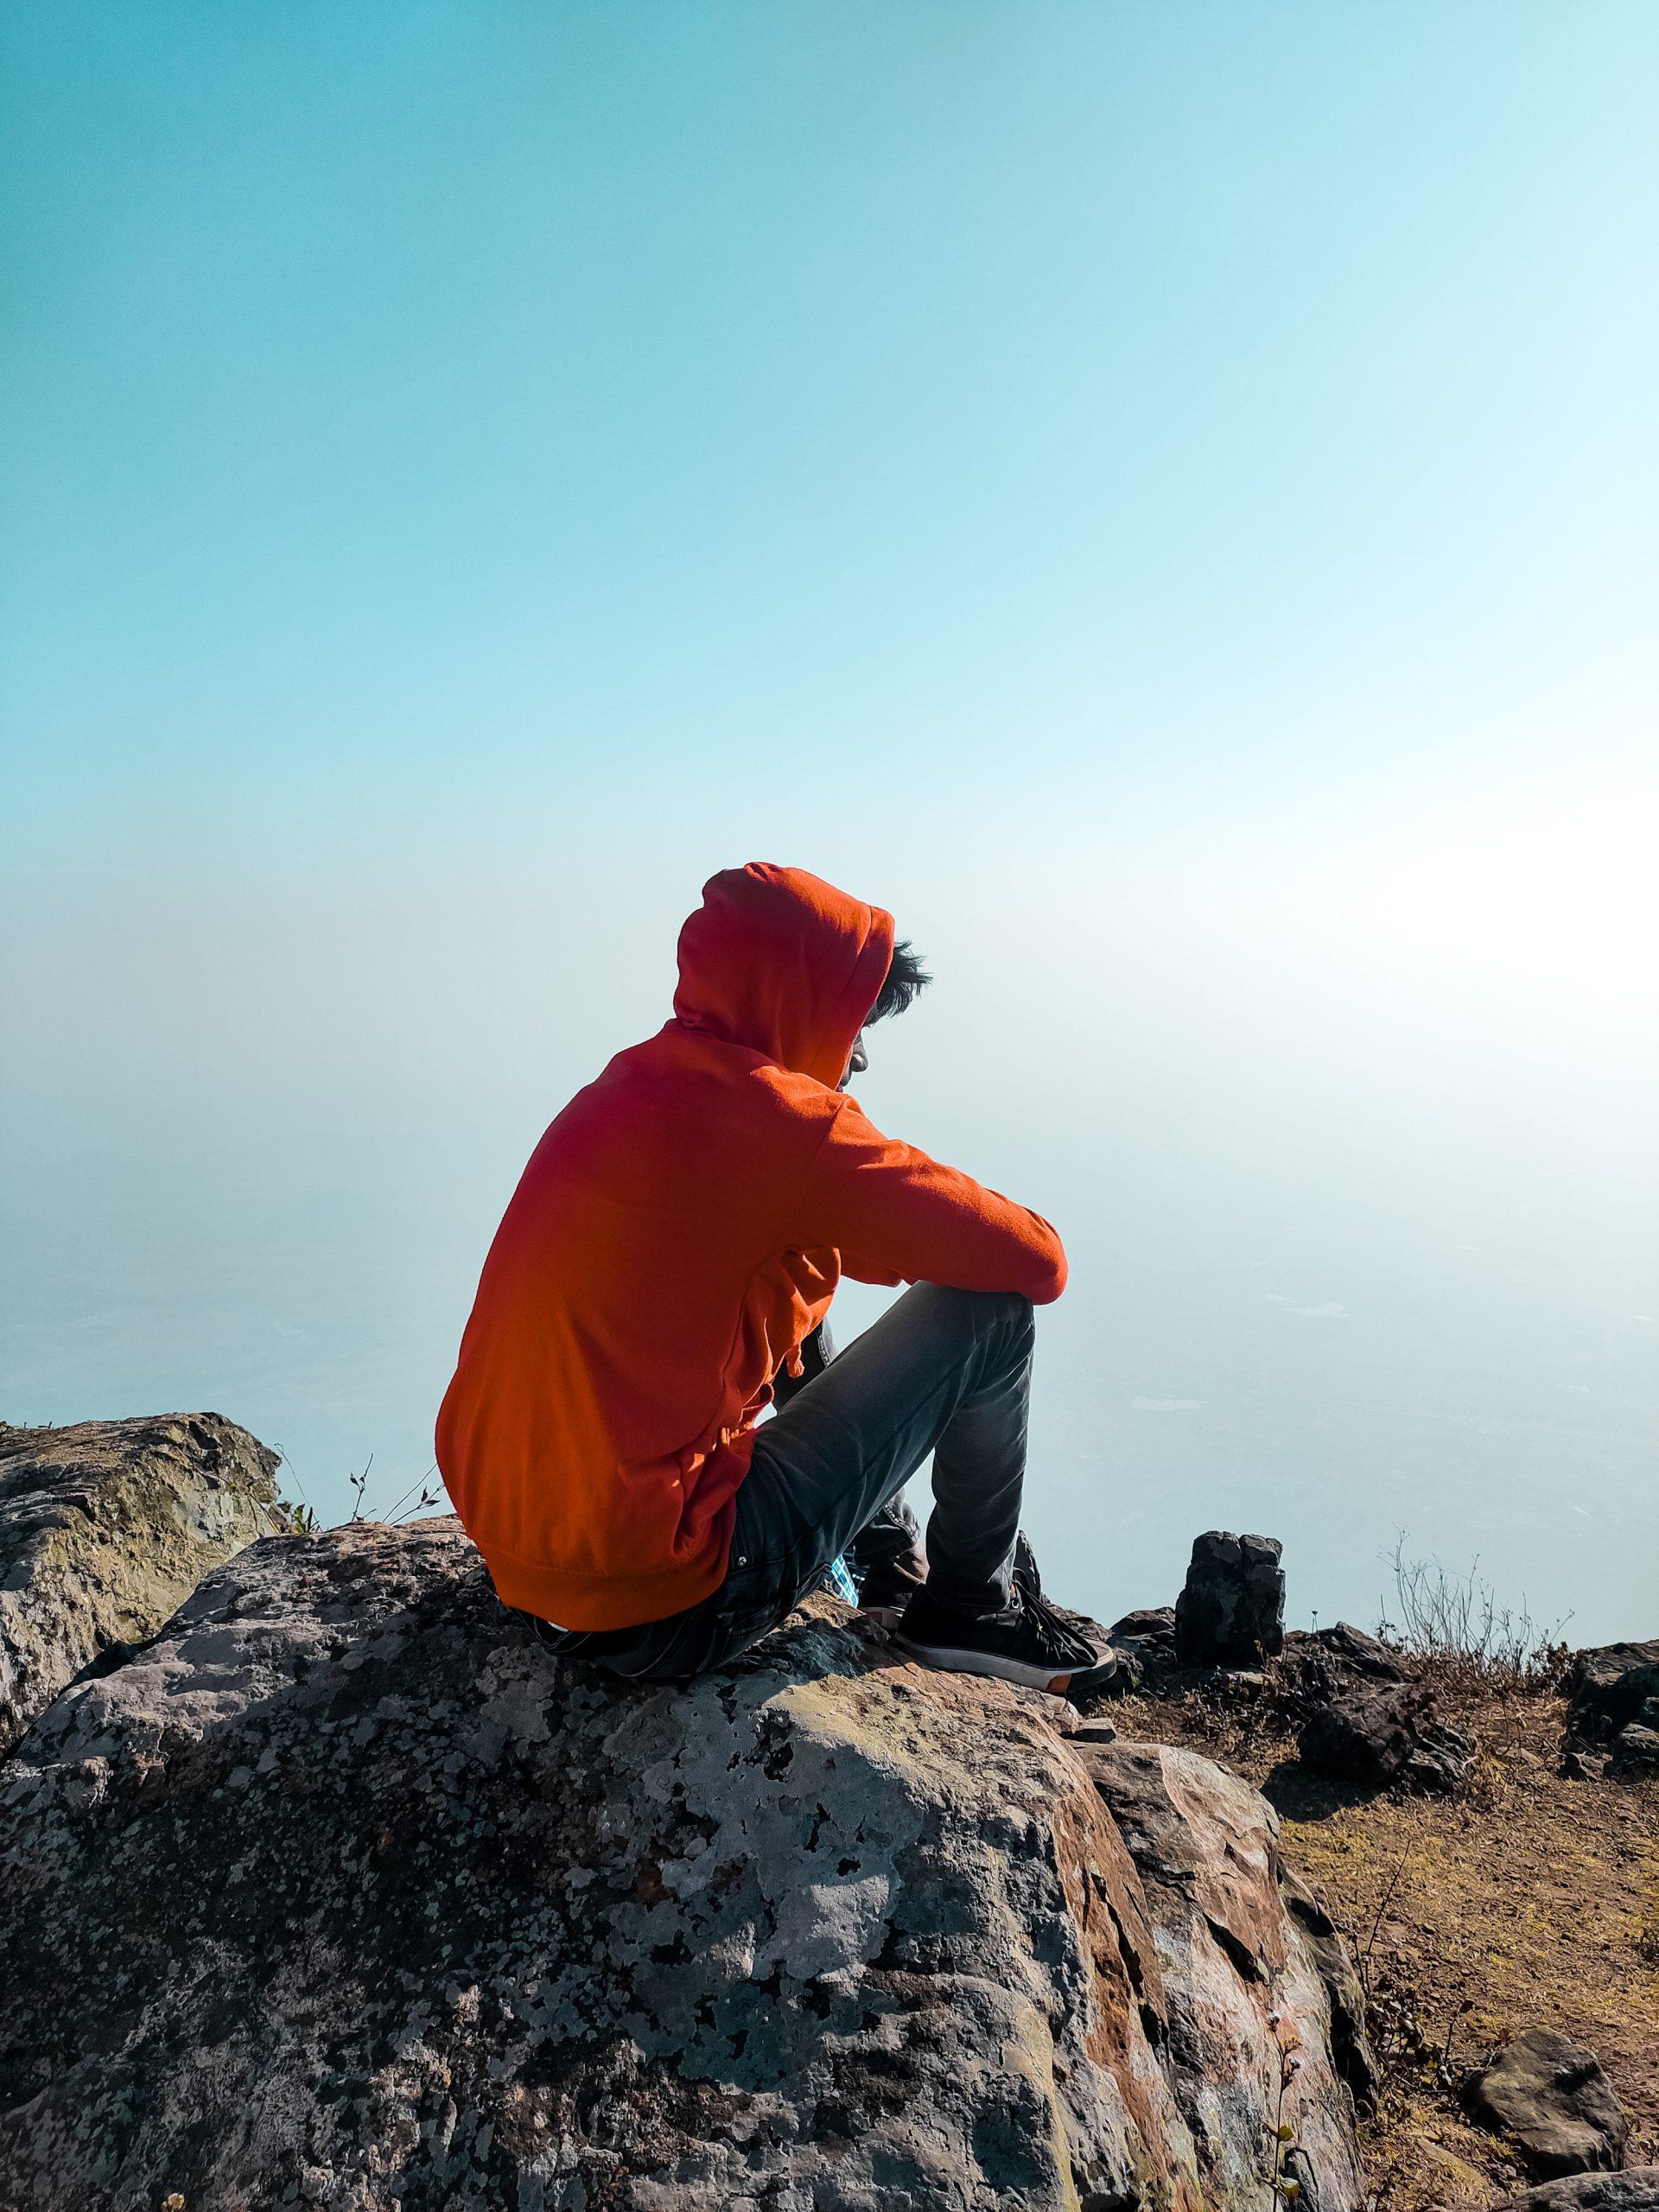 A sad boy on a rock